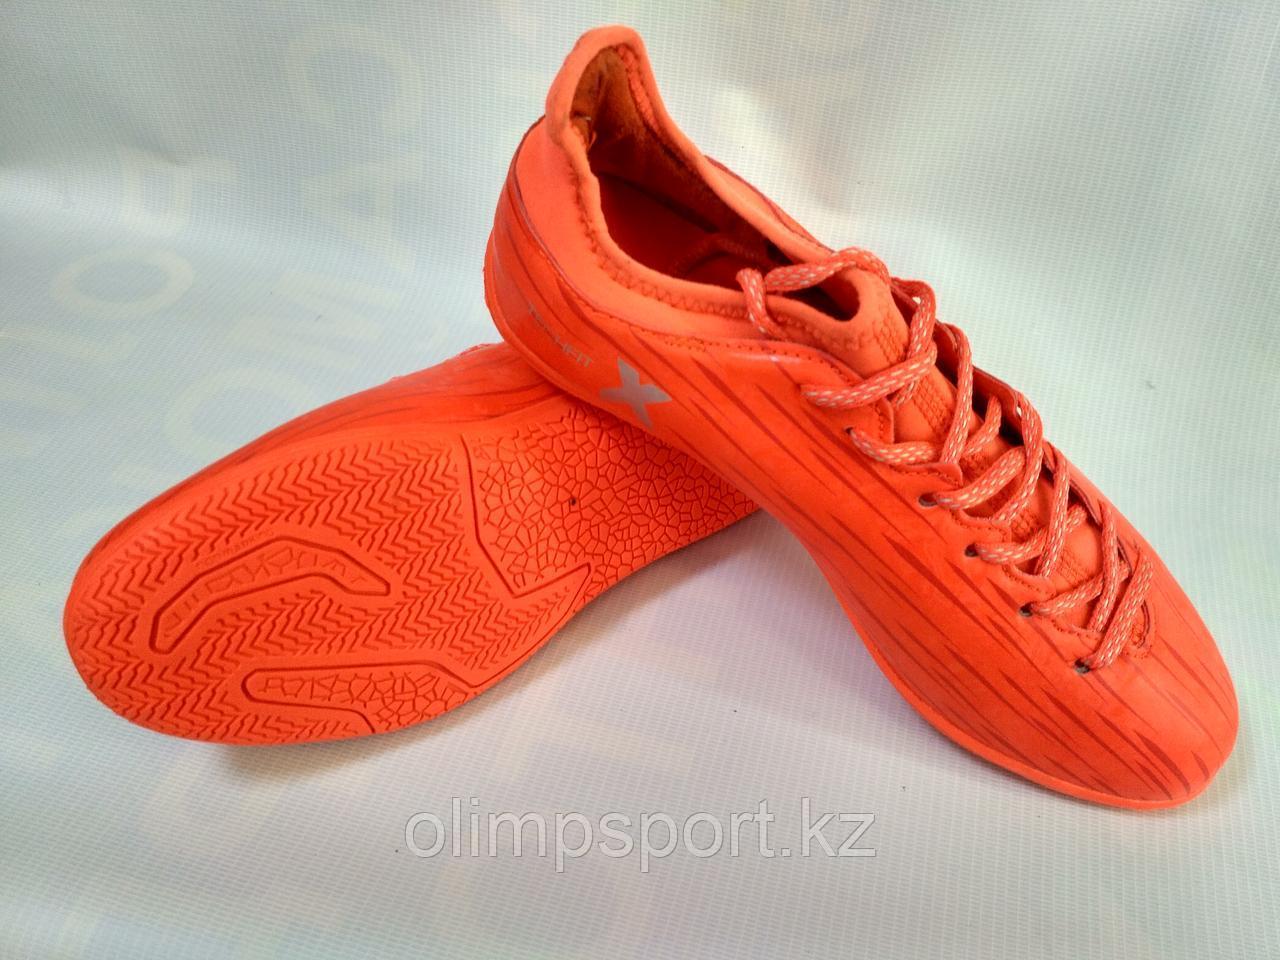 Обувь футбольная Adidas X 16.3, красные